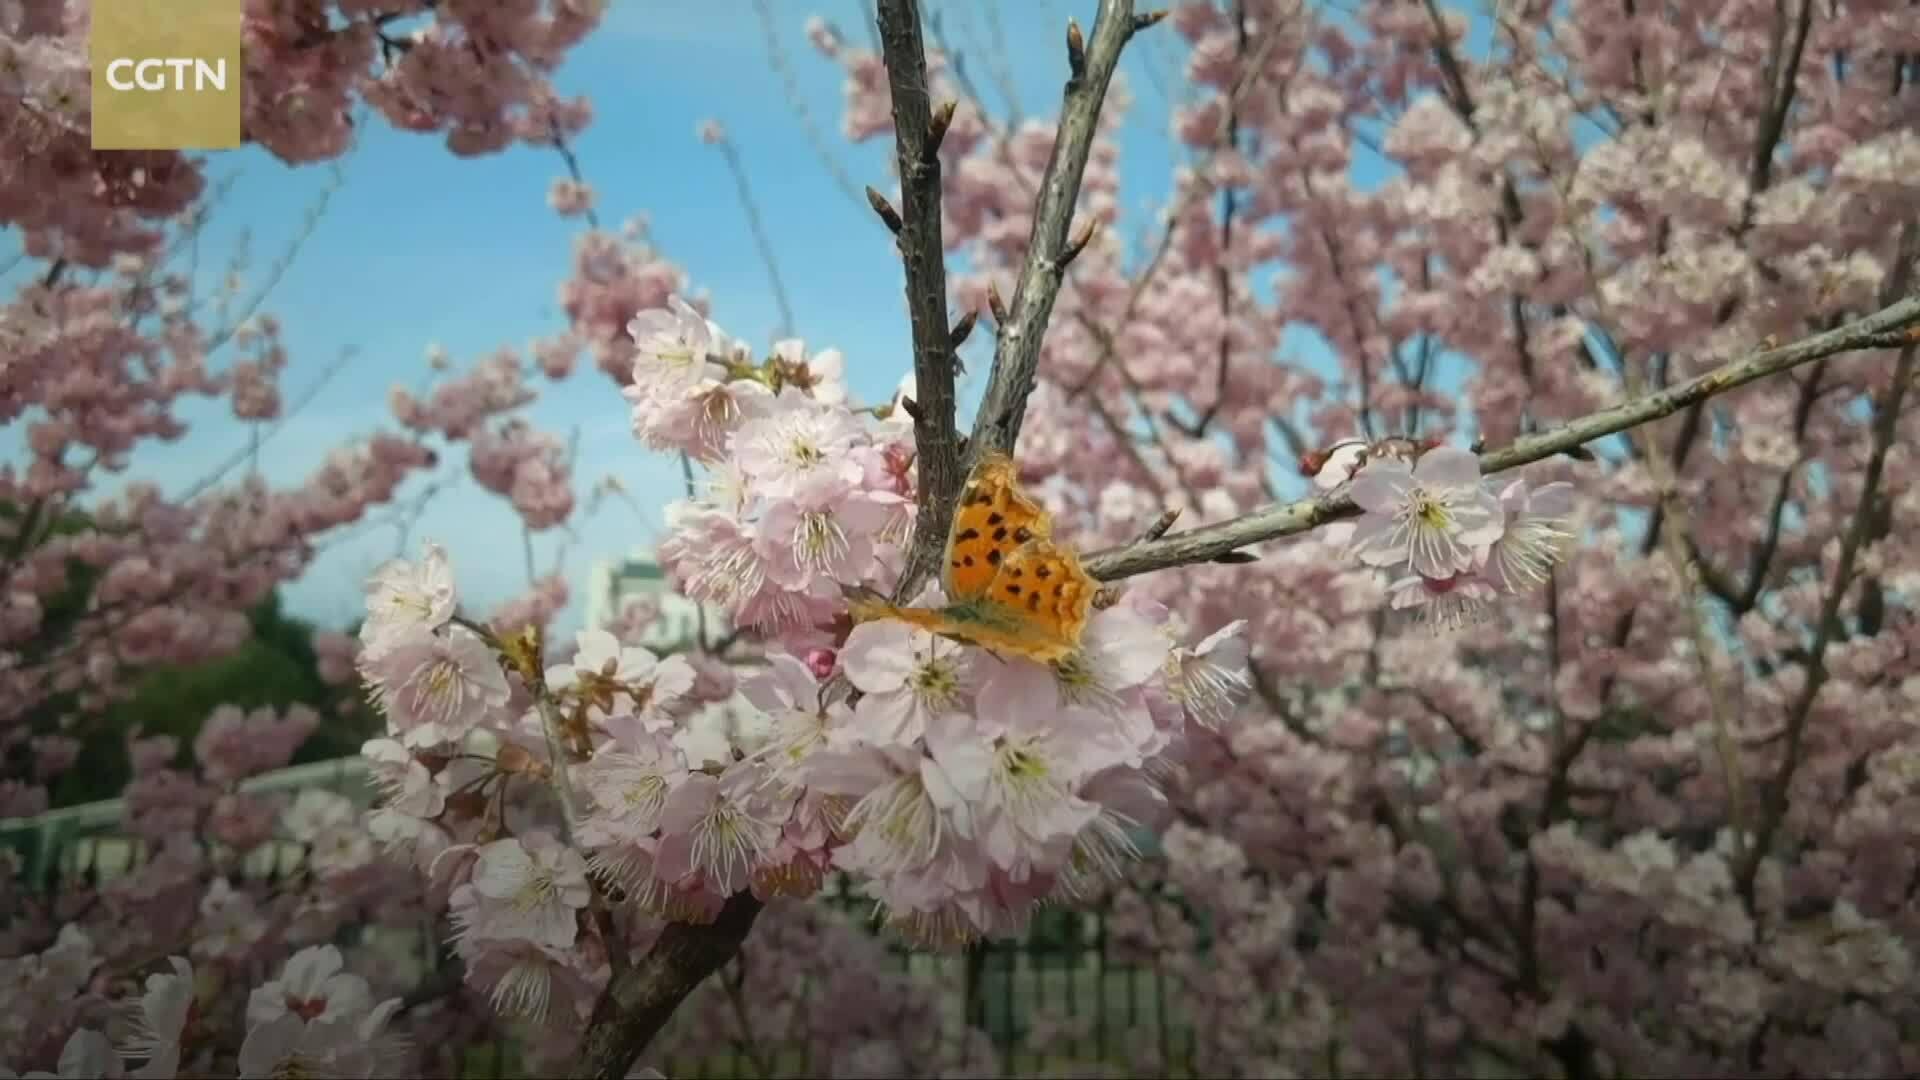 Vũ Hán hồi sinh trong mùa hoa anh đào sau đại dịch